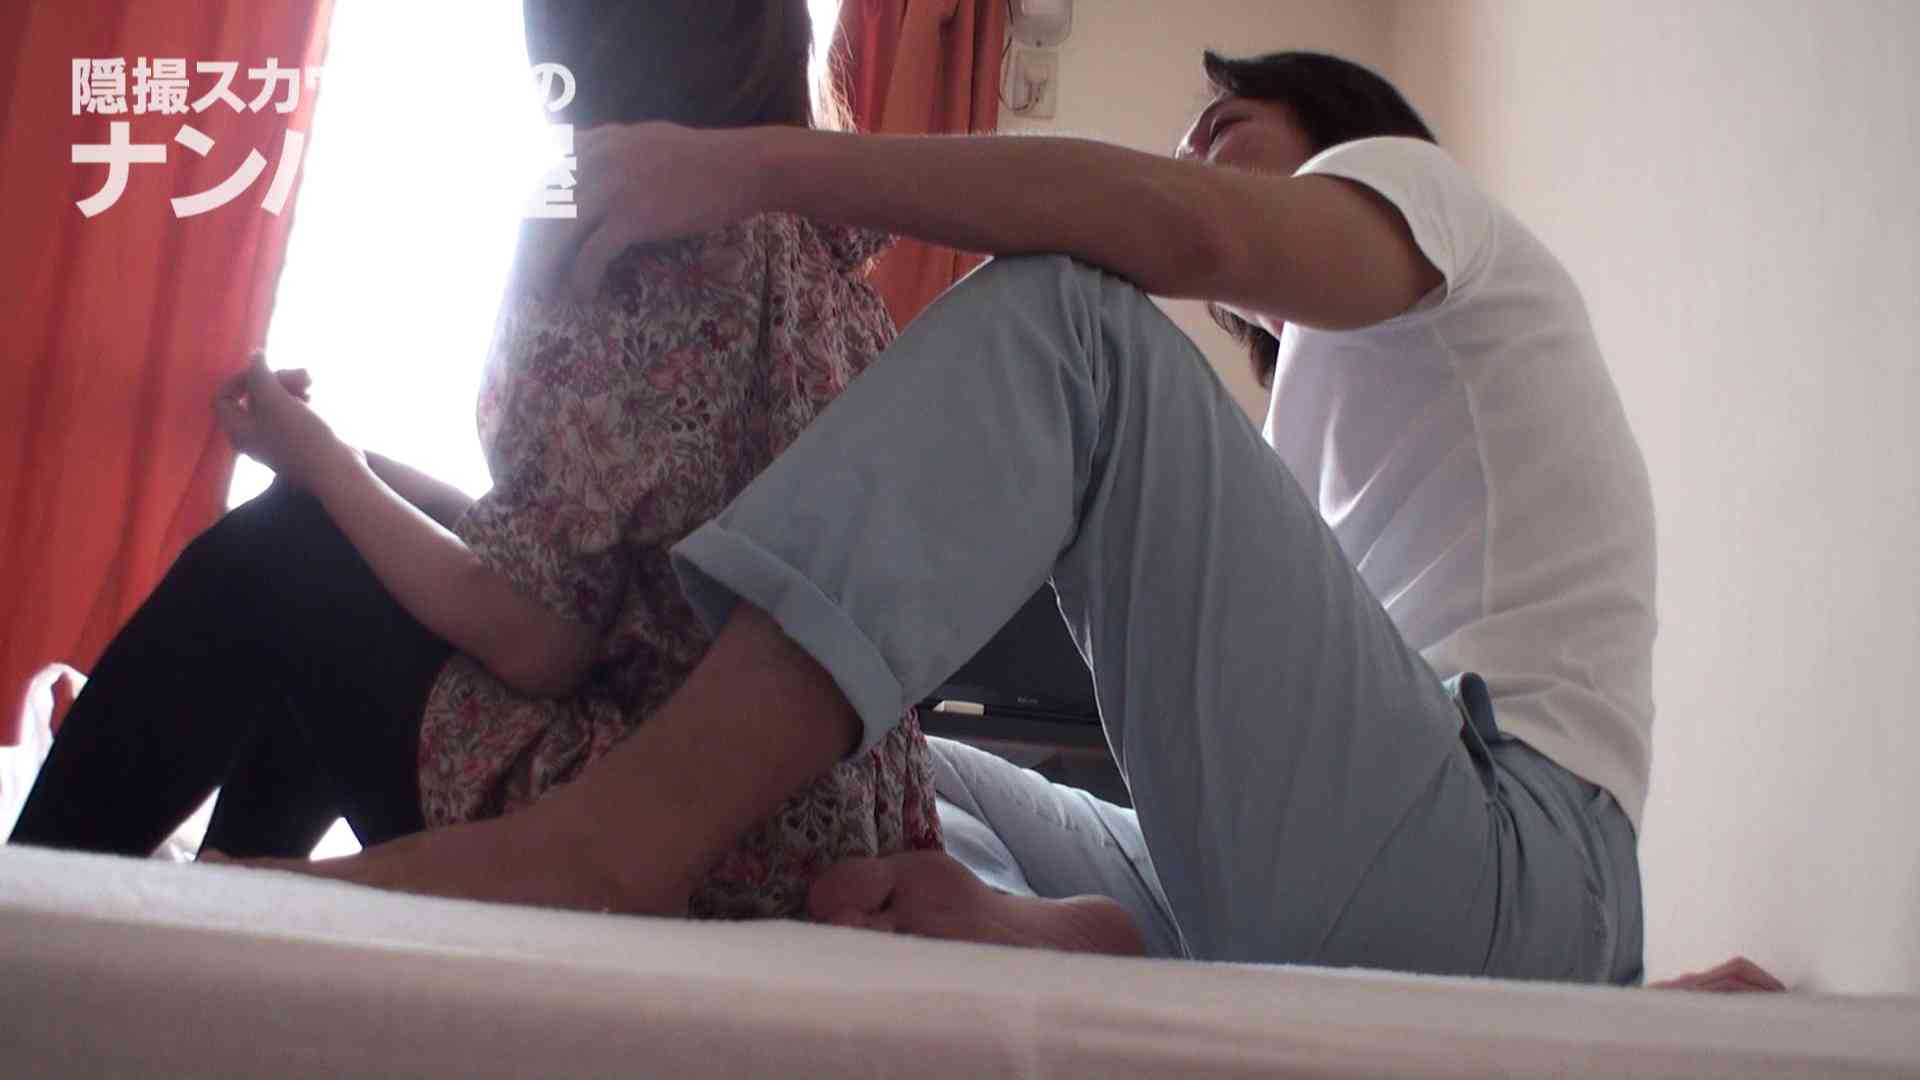 隠撮スカウトマンのナンパ部屋~風俗デビュー前のつまみ食い~ sii 0   0  104画像 21